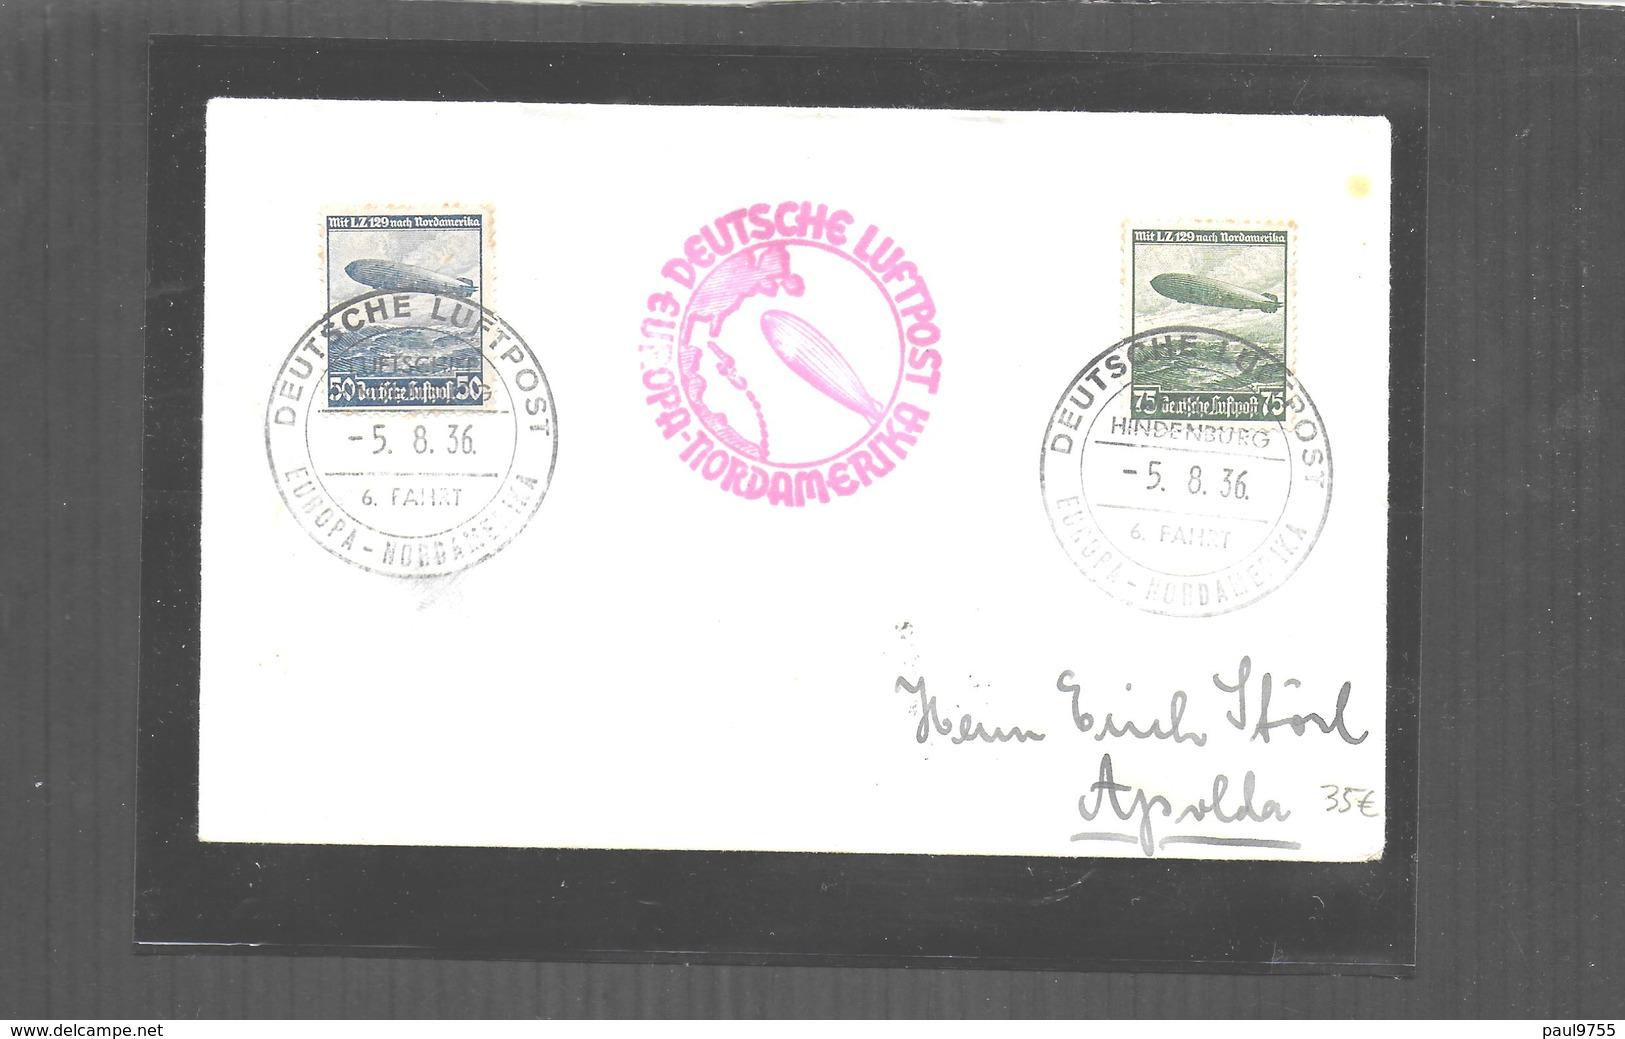 DEUTSCHES III REICH 1936    Mi 606-607 DEUTSCHE LUFTPOST DEUTSCHLAND -N-Y  ZEPPELIN HINDENBURG - Germany